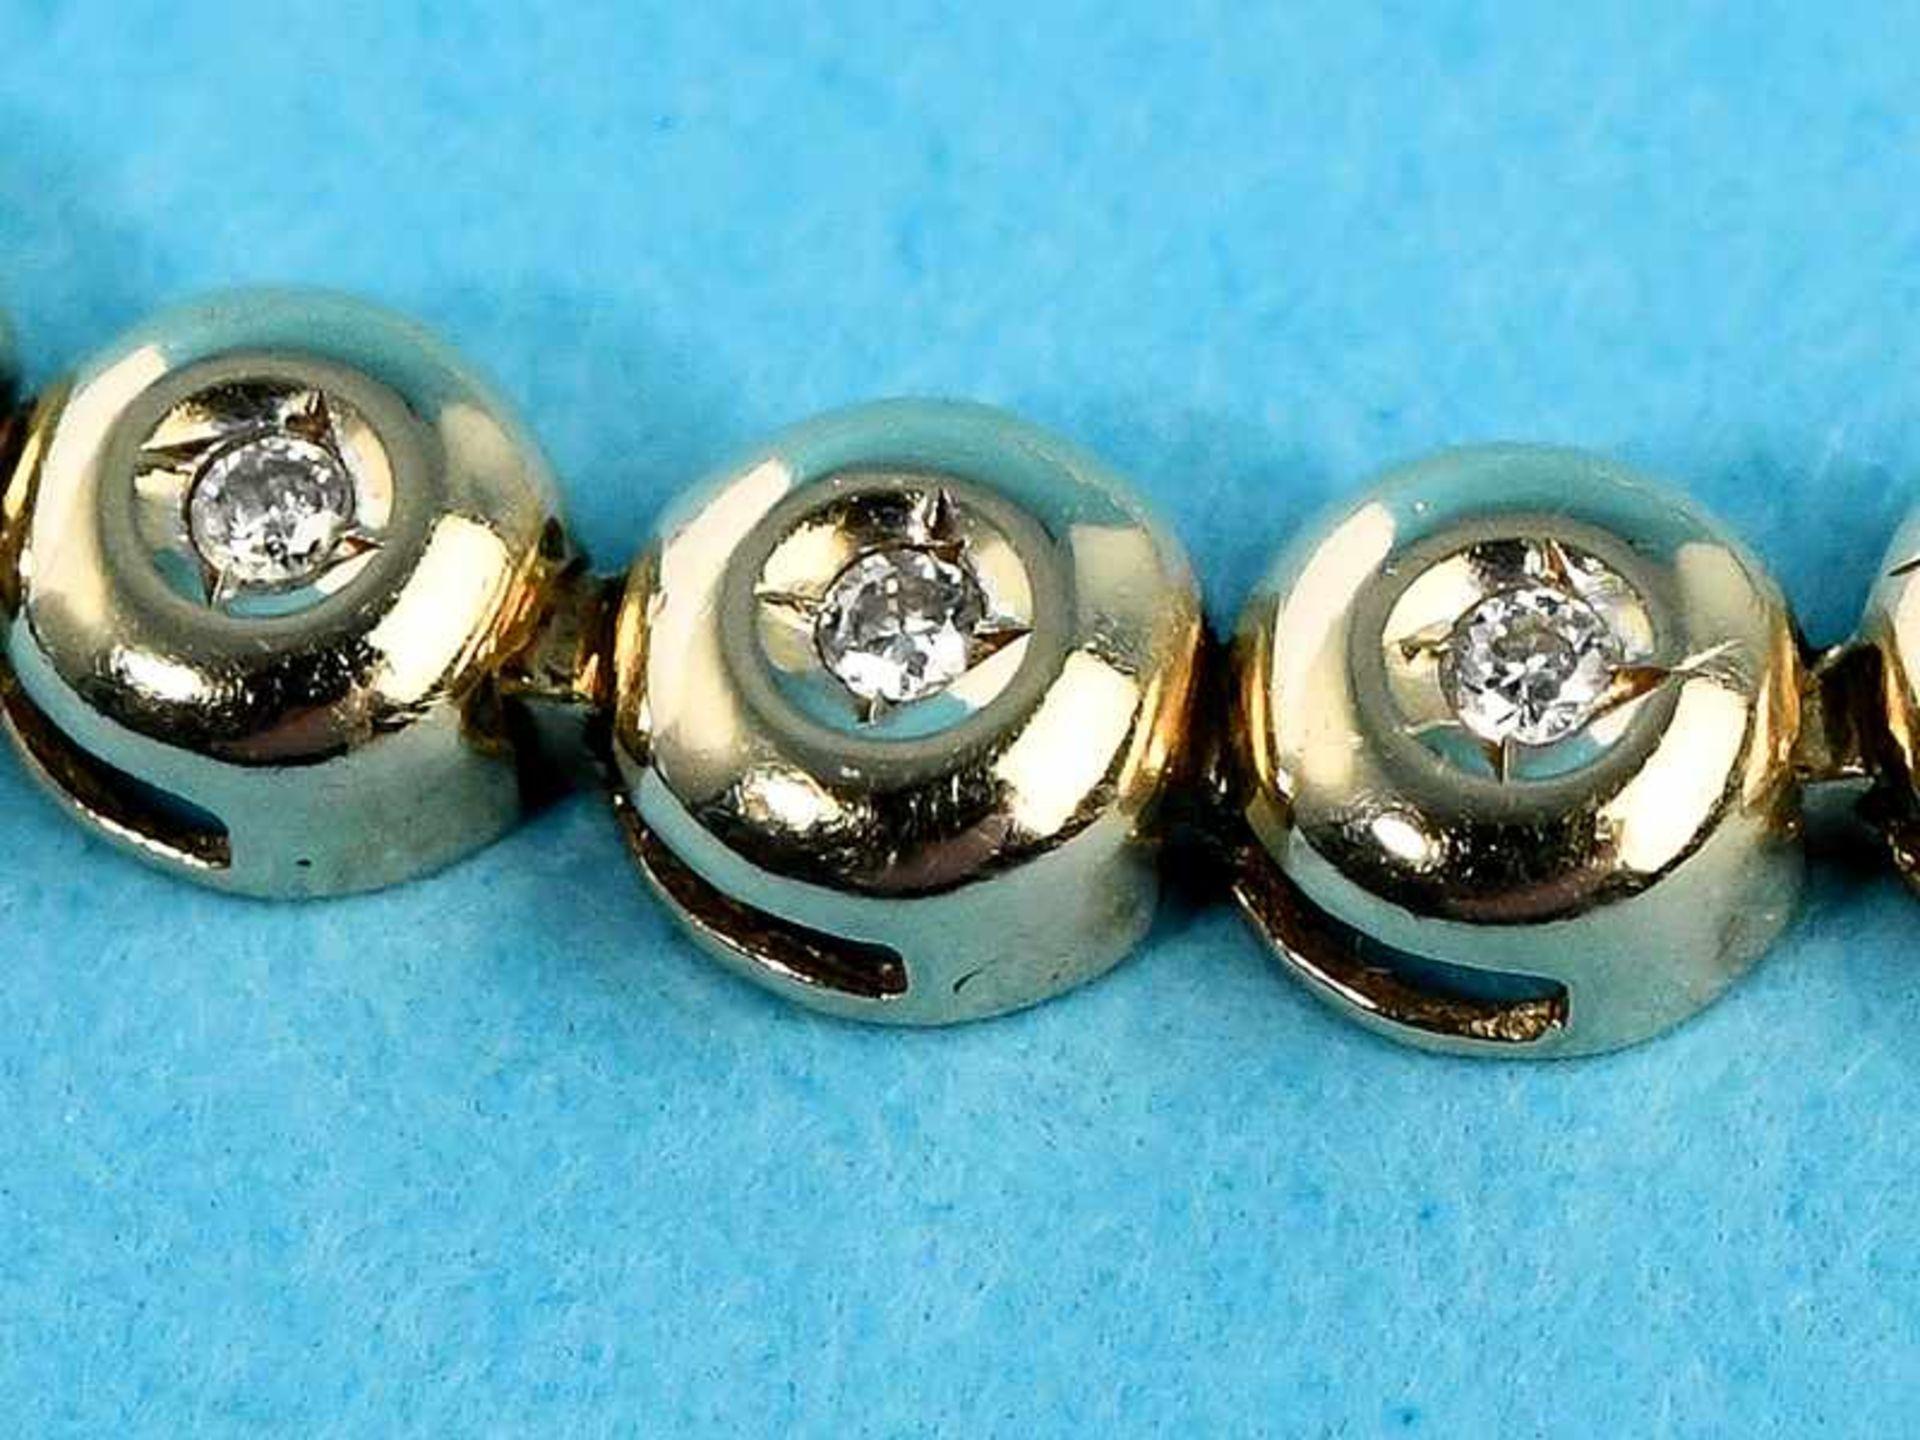 Tennisarmband mit 39 kleinen Diamanten, zusammen ca. 0,3 ct, 20. Jh. 585/- Gelbgold. Gesamtgewicht - Bild 2 aus 2